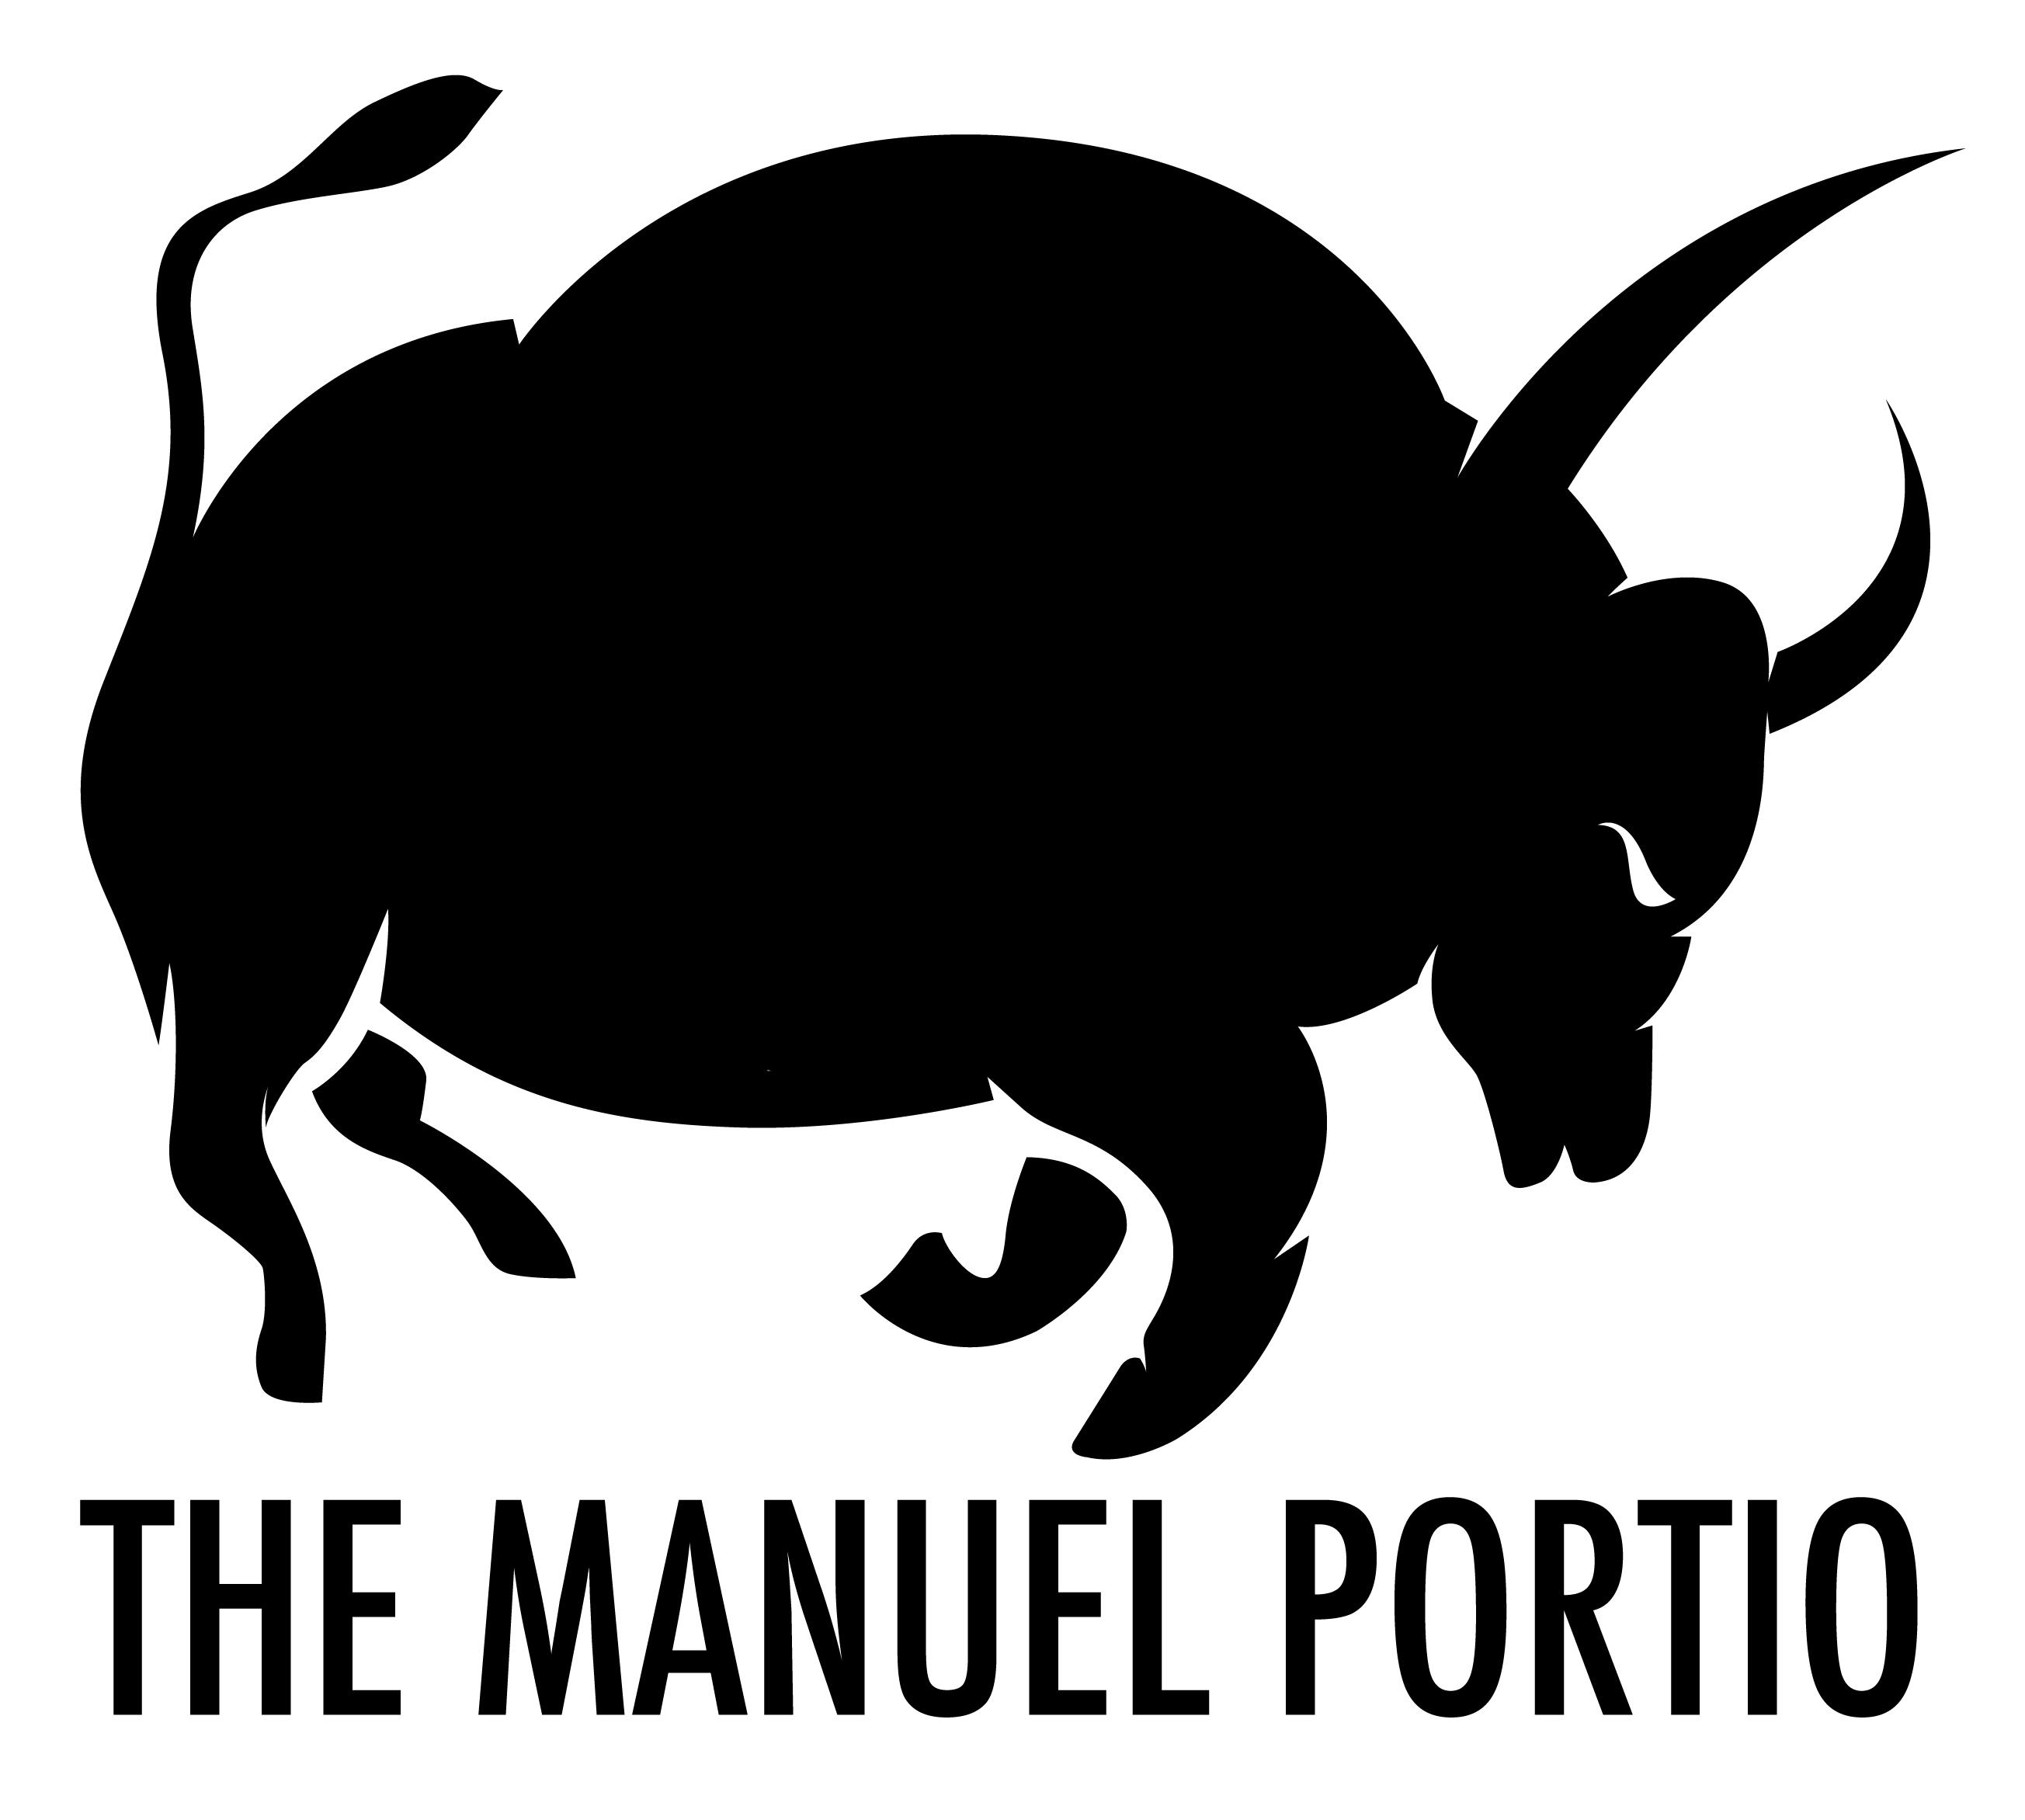 The-Manuel-Portio-Futura-Sticker-Black-Bull